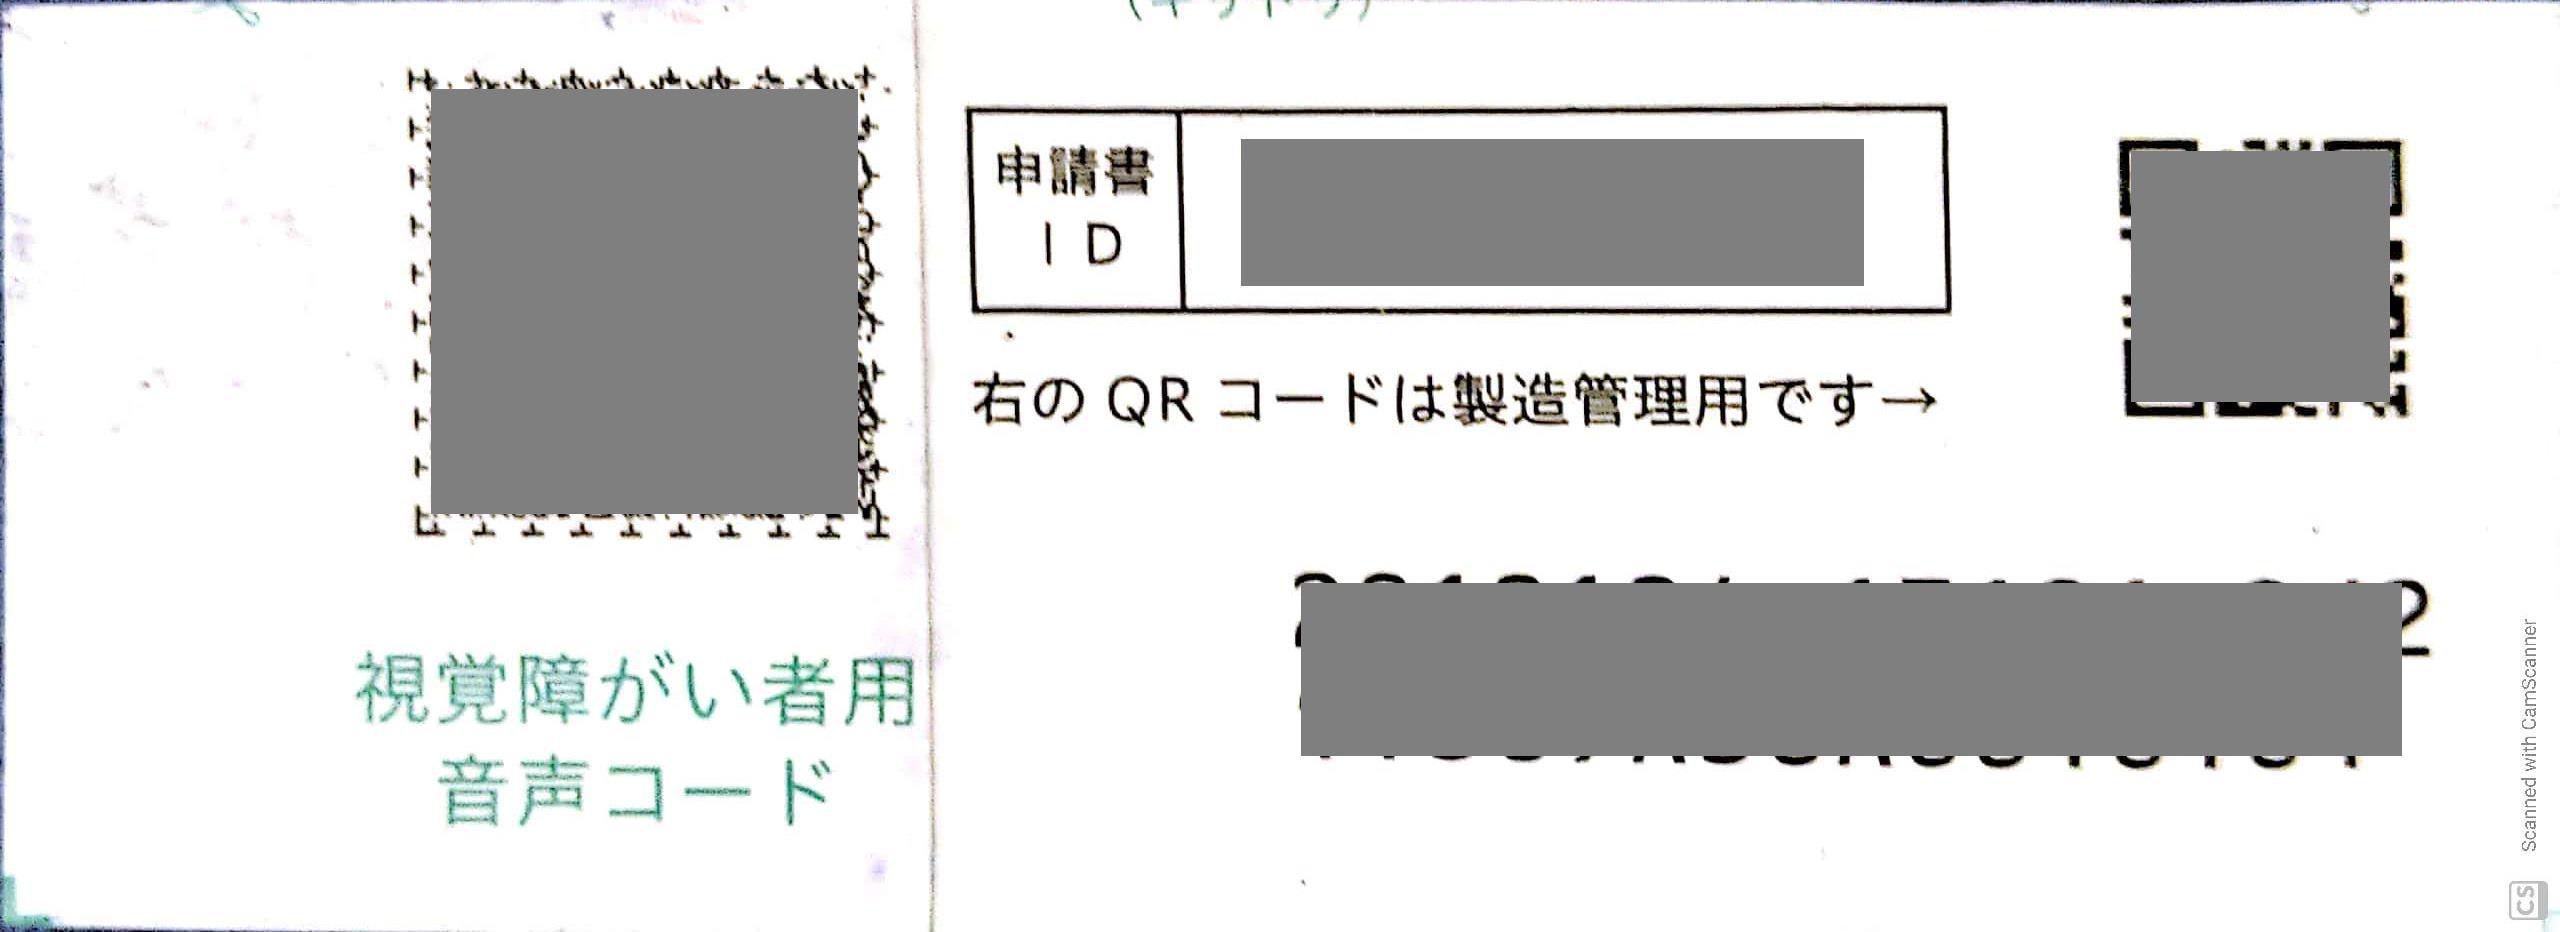 申請書ID